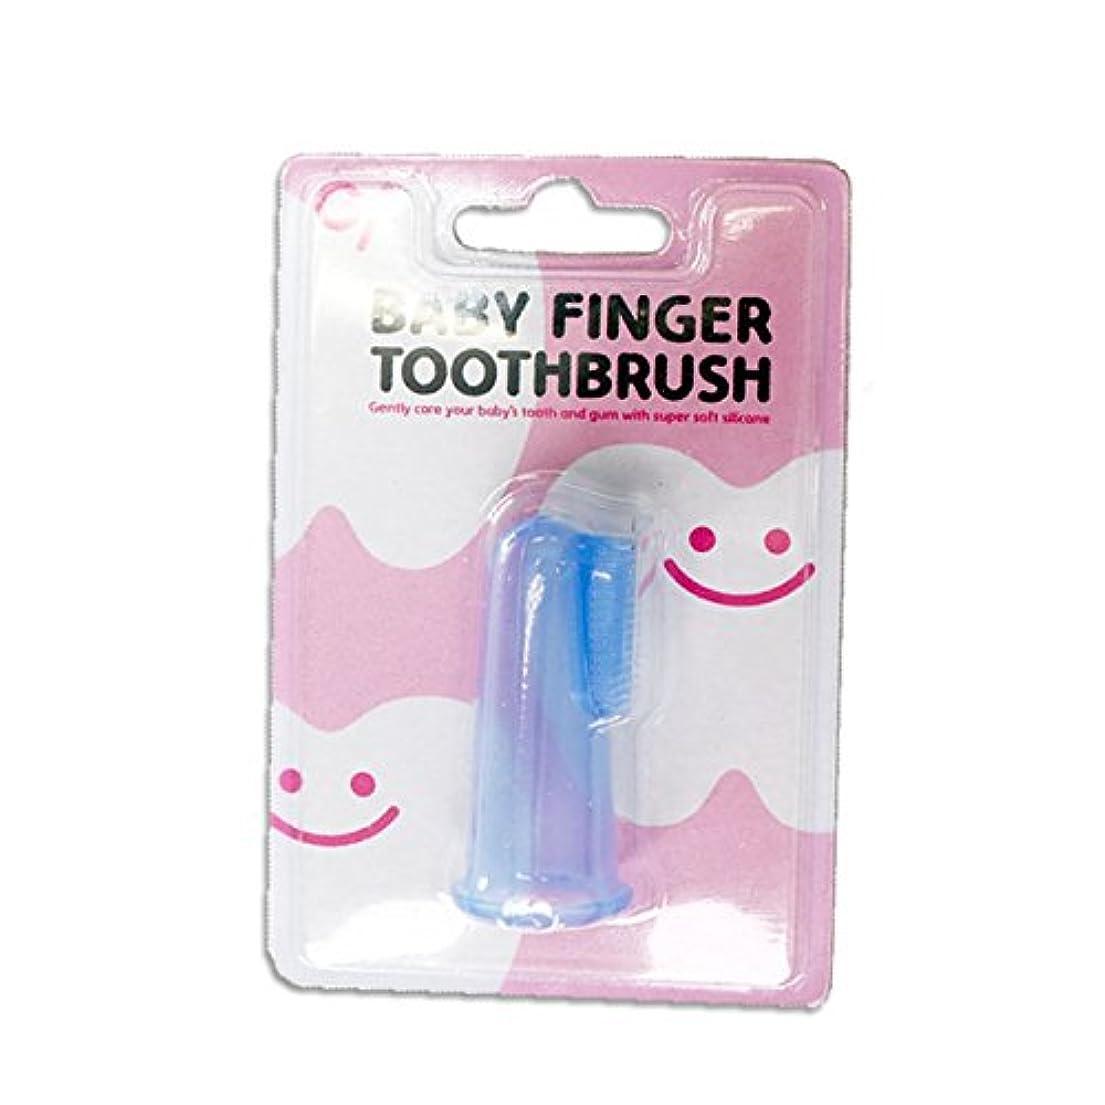 本部再び足枷ベビーフィンガートゥースブラッシュ ベビーフィンガー歯ブラシ 12個入り BABY FINGER TOOTHBRUSH